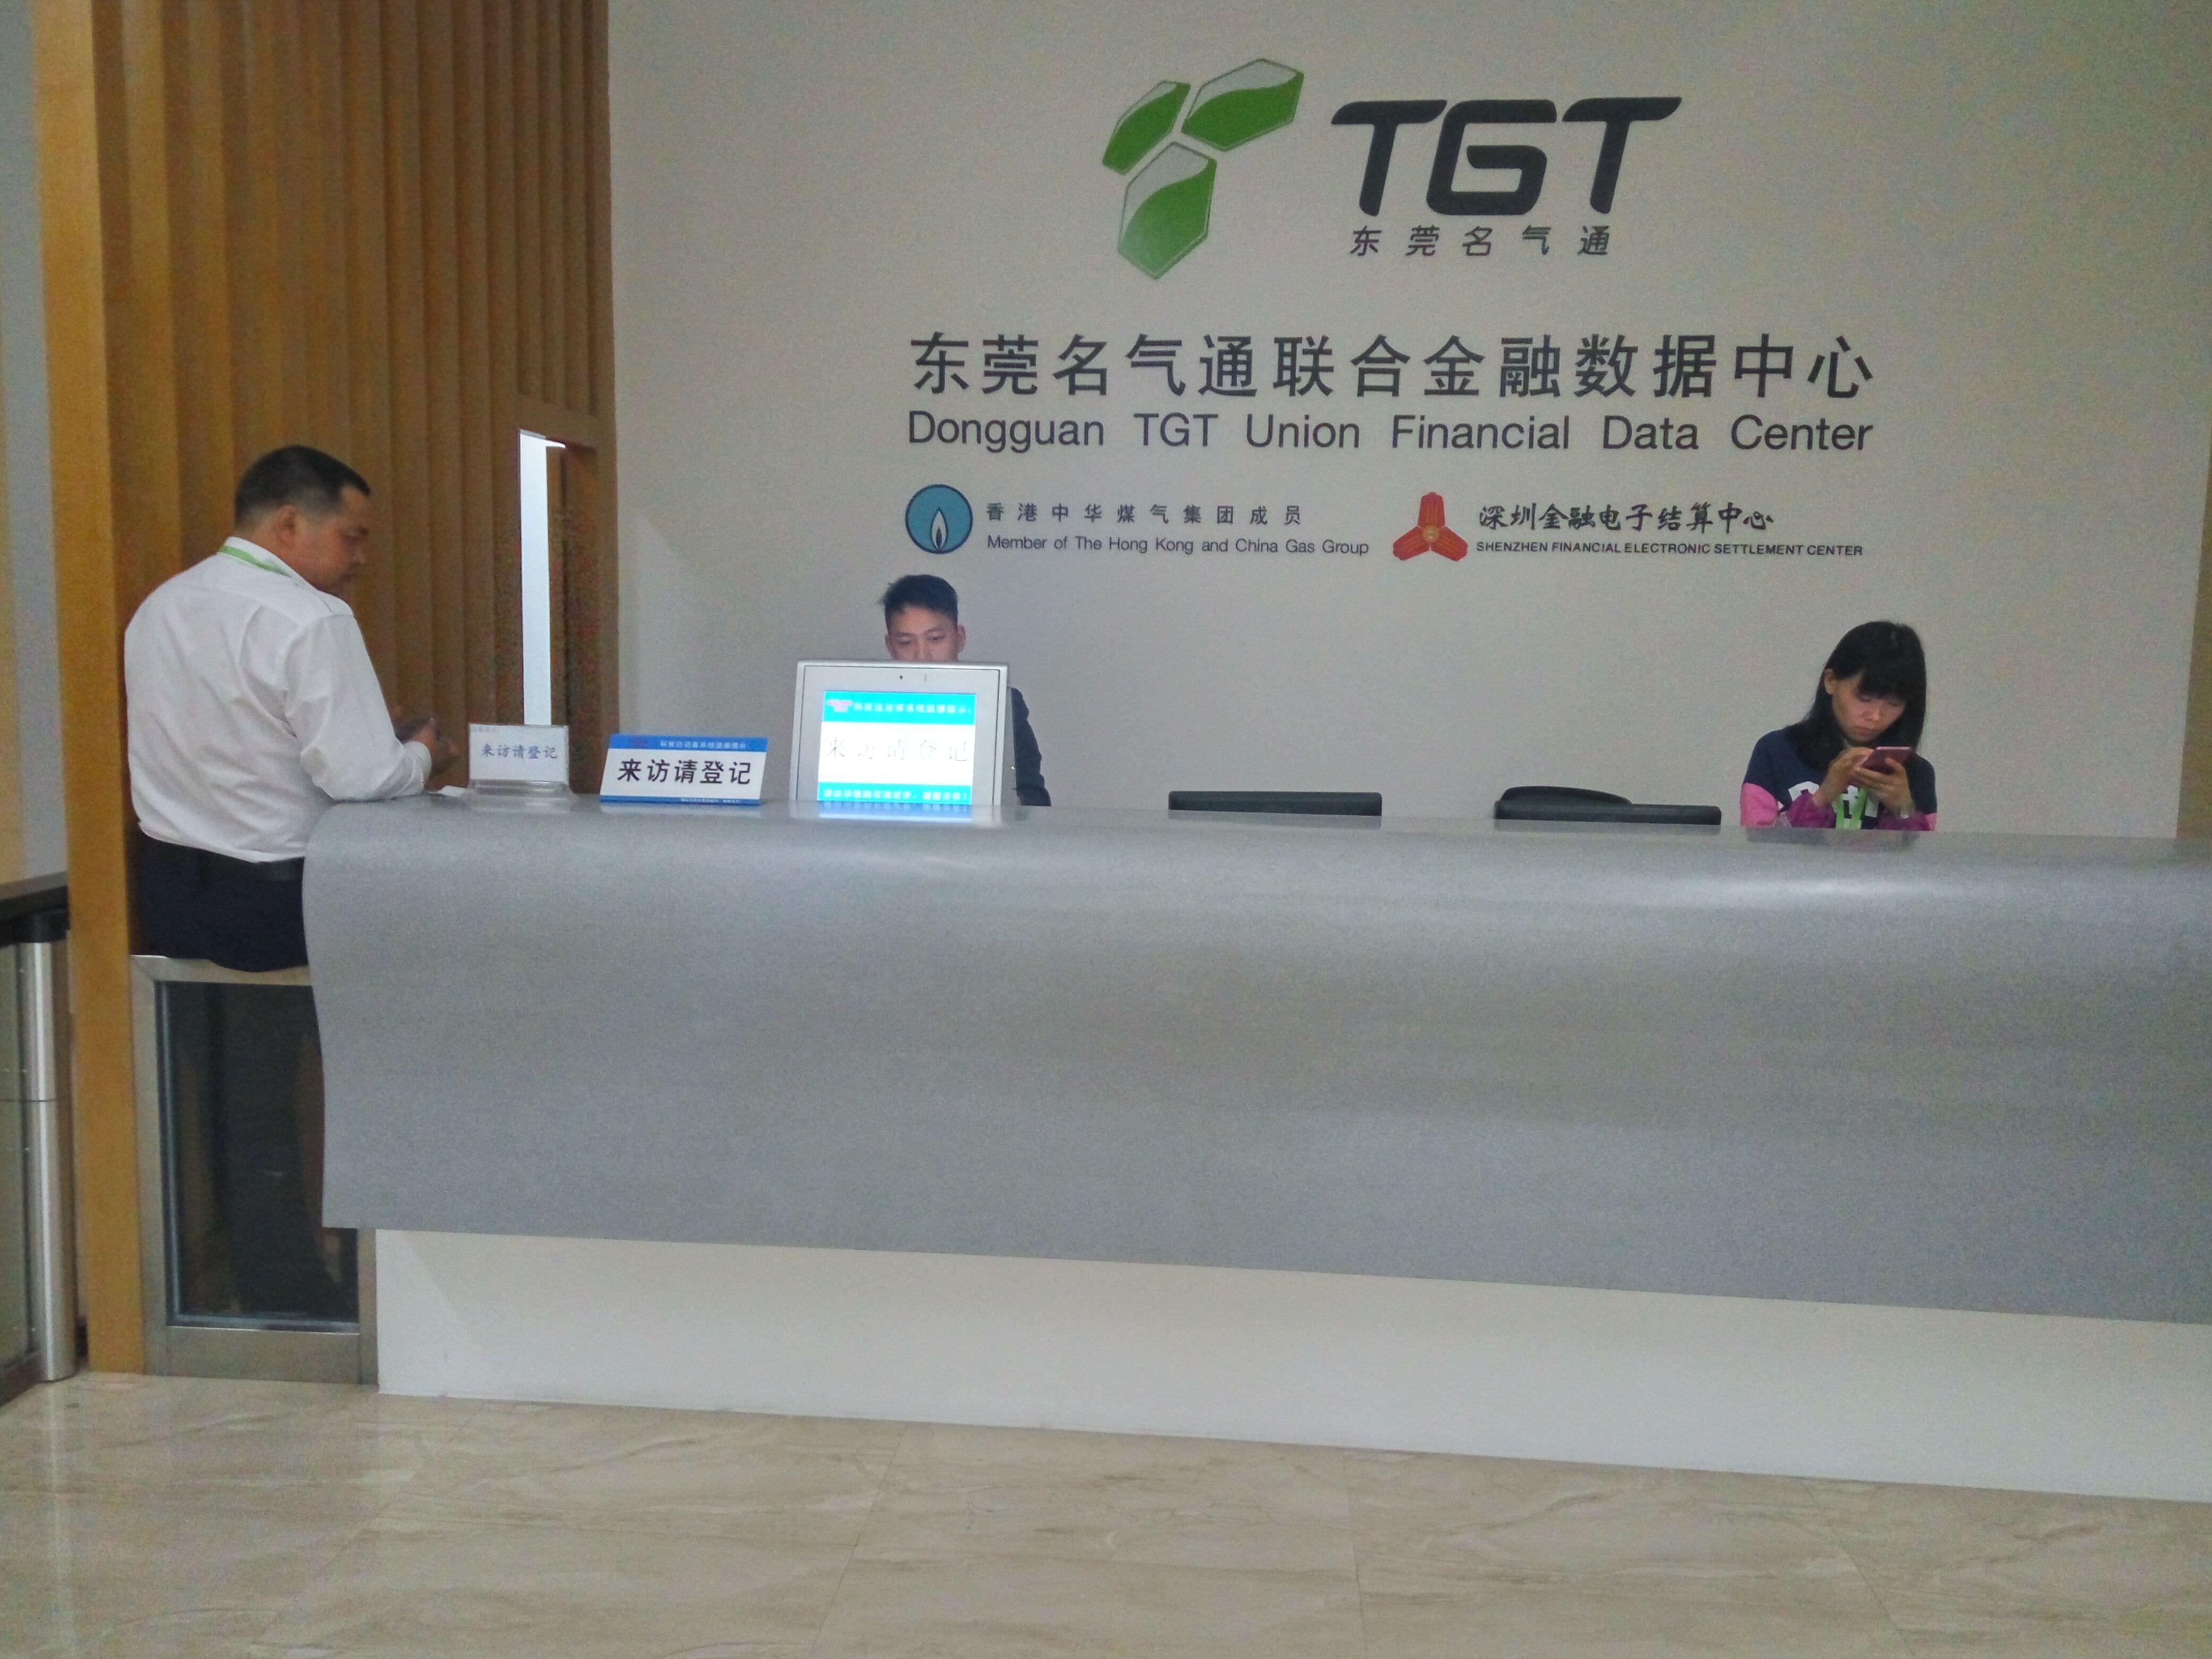 访客一体机在东莞名气通联合金融数据服务有限公司成功启用